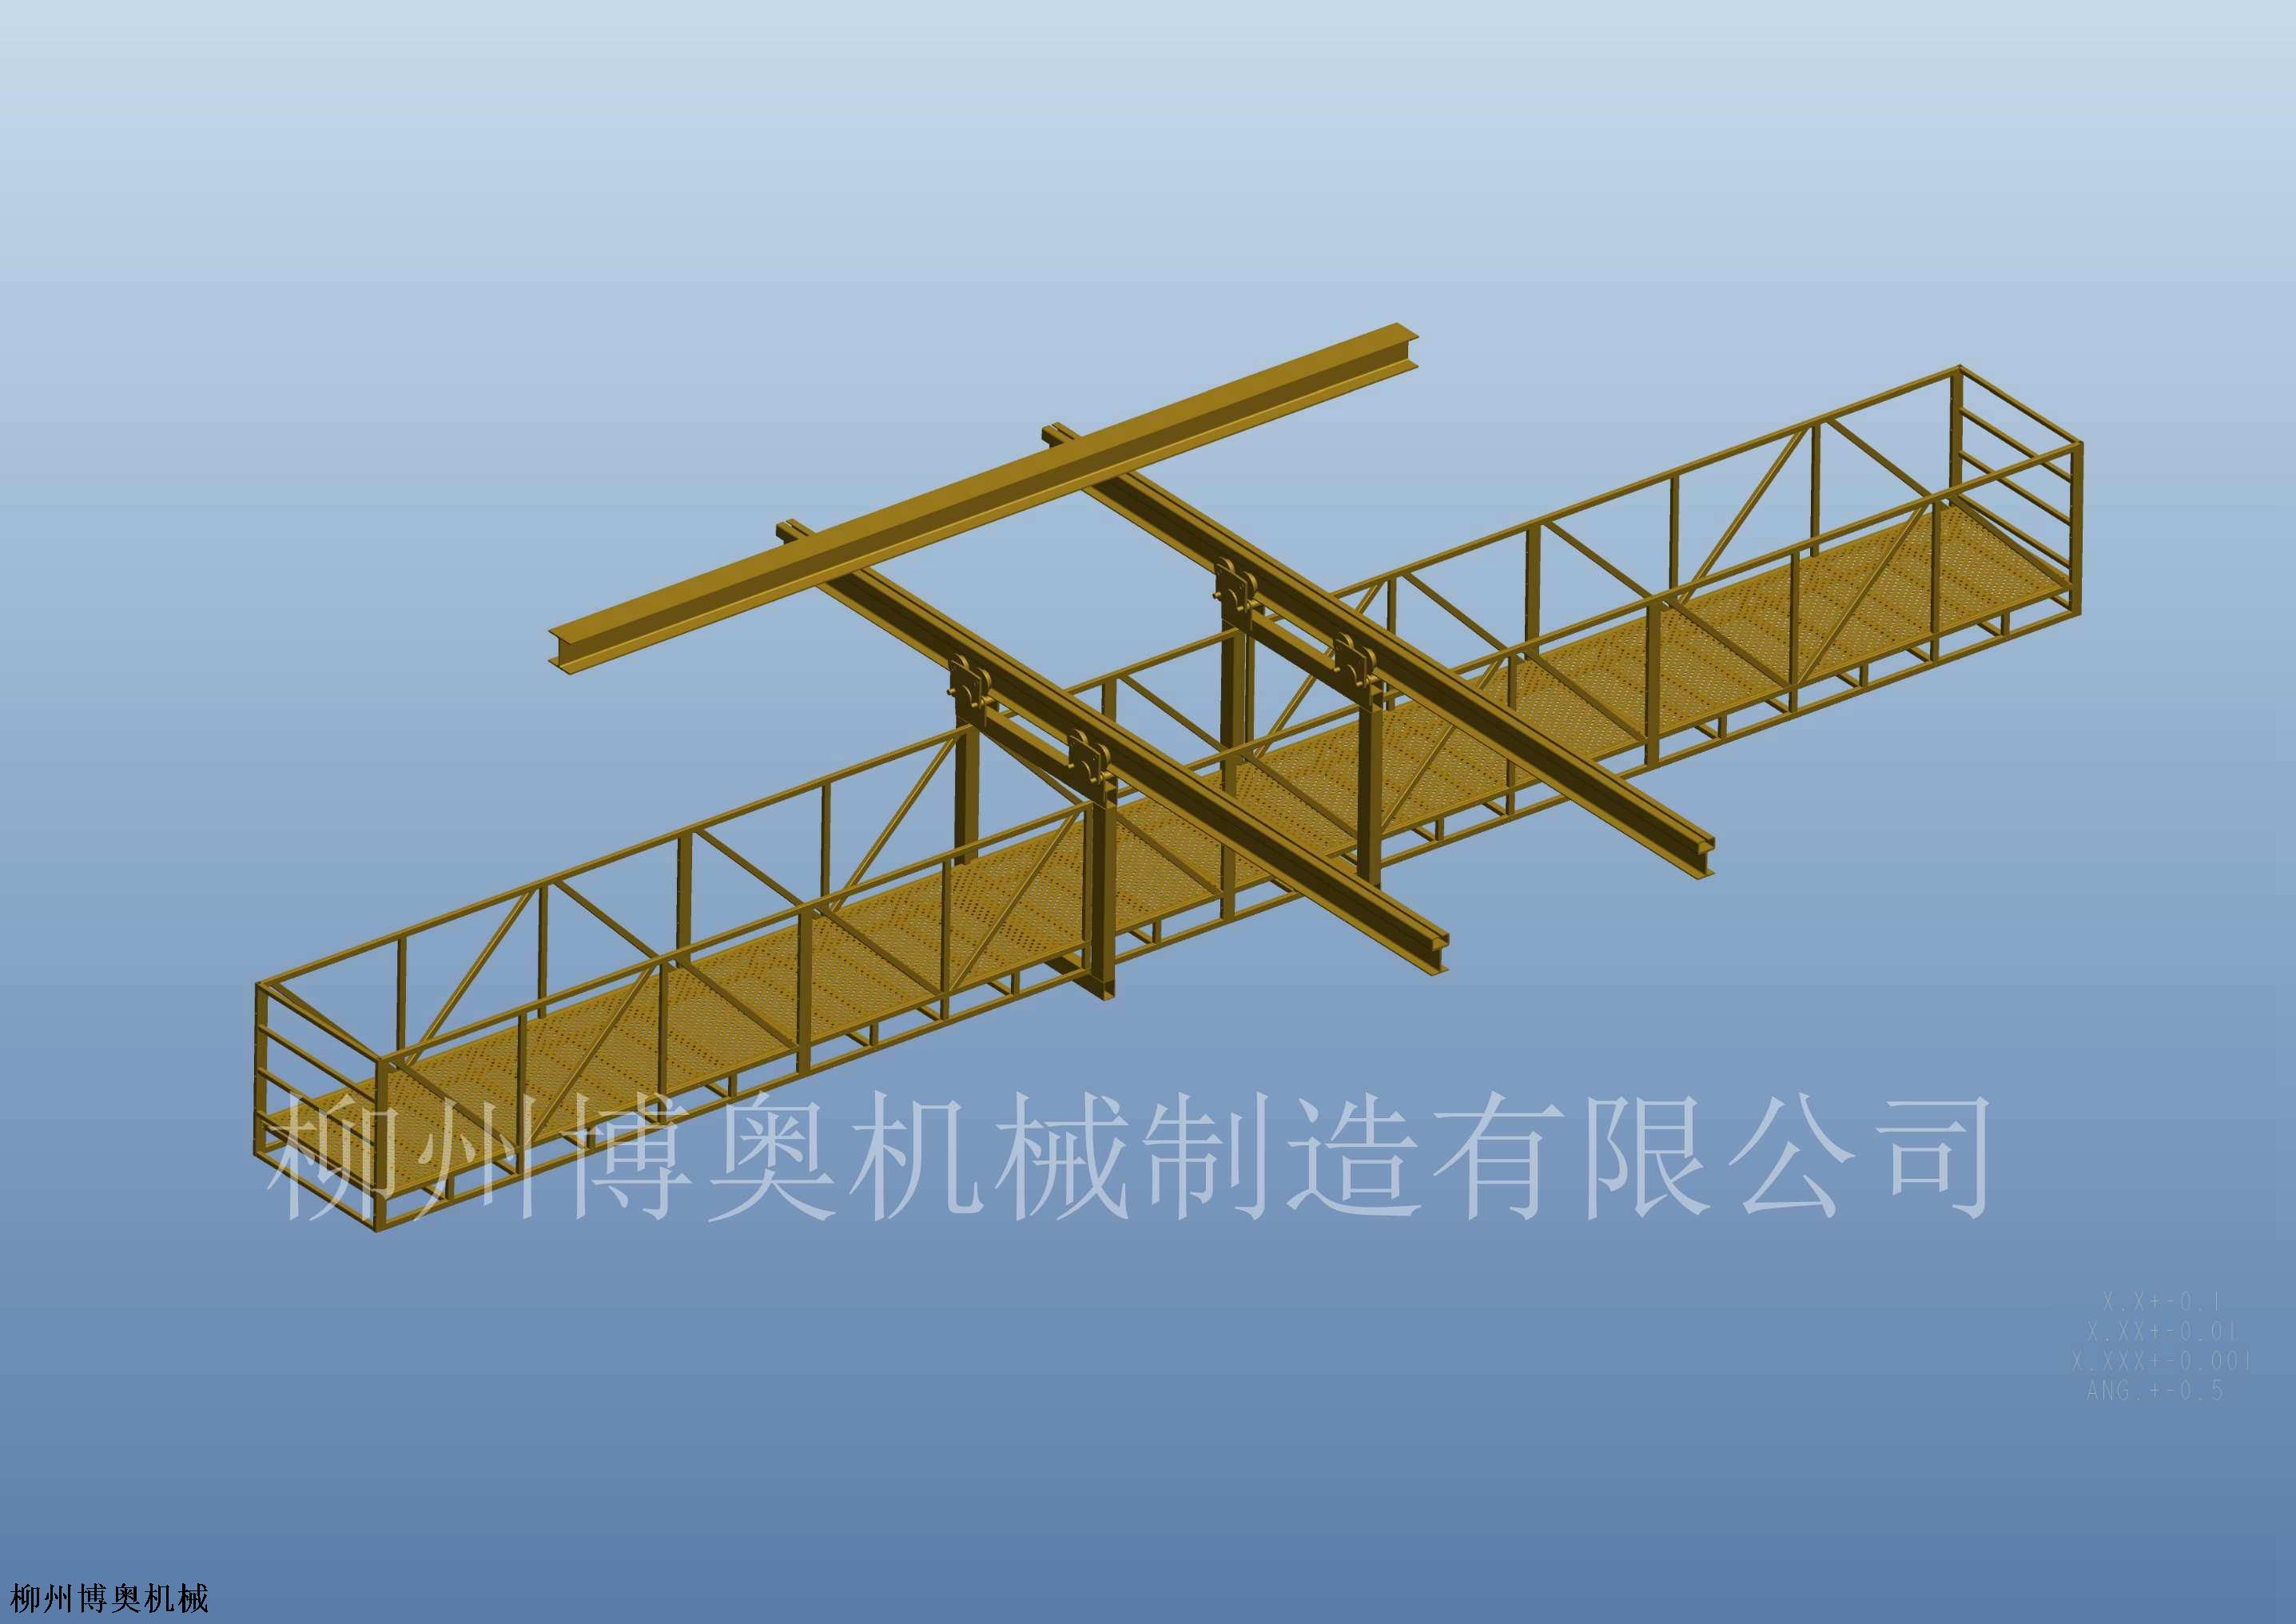 定制版轨道自行式桥梁桥底检查车介绍